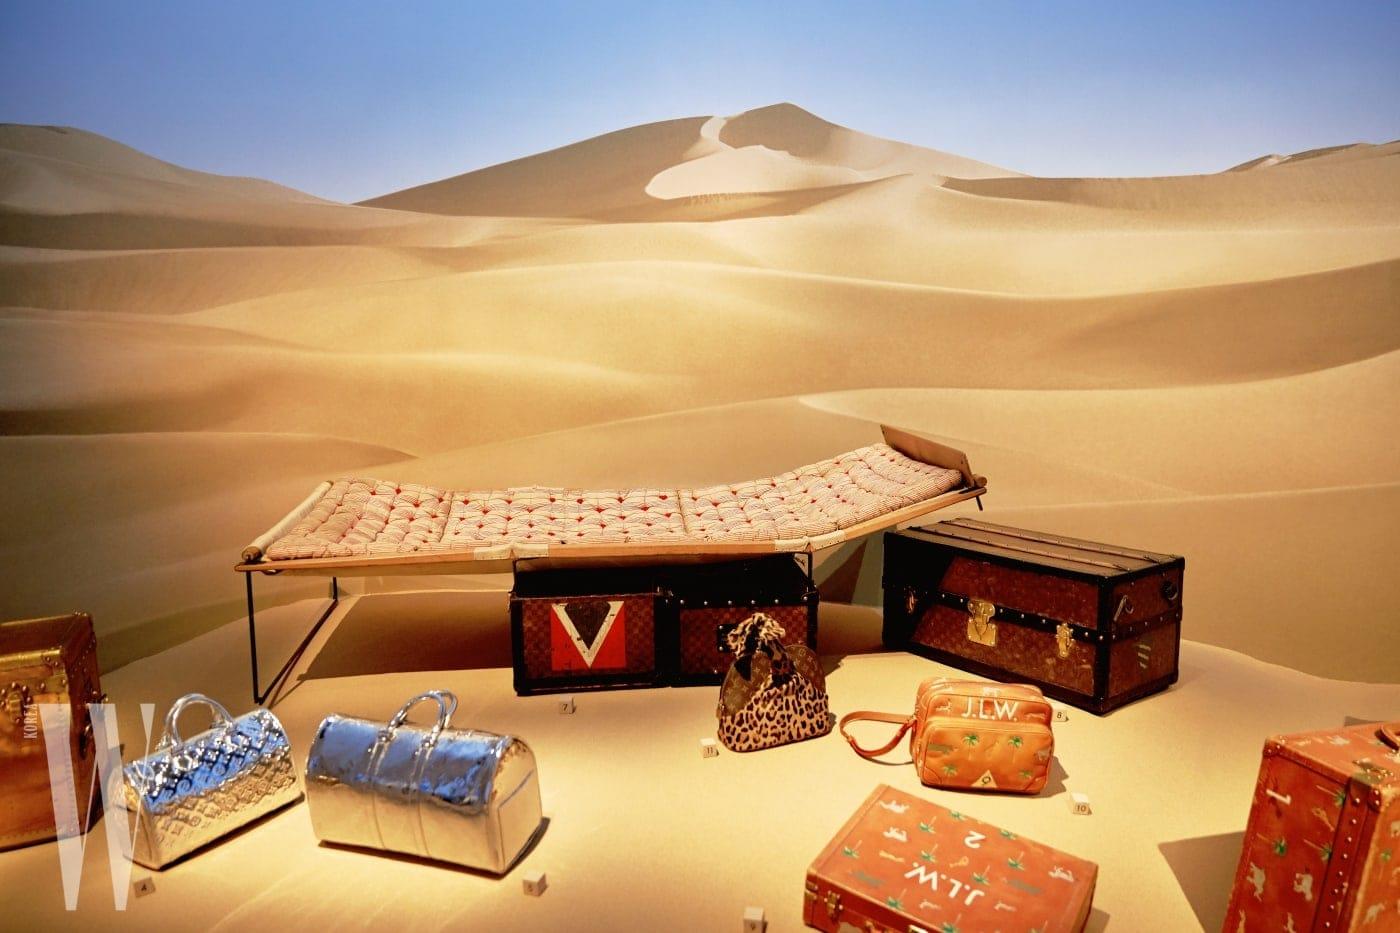 사막 한가운데에 놓인 듯한 연출이 인상적인 트렁크와 여행 가방, 간이 침대.